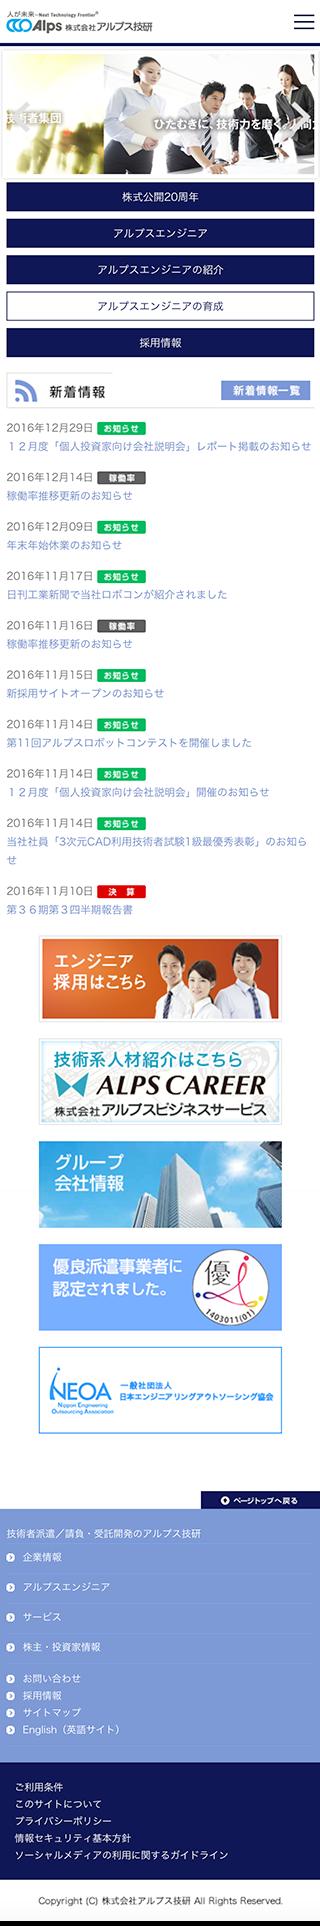 株式会社アルプス技研様オフィシャルサイト